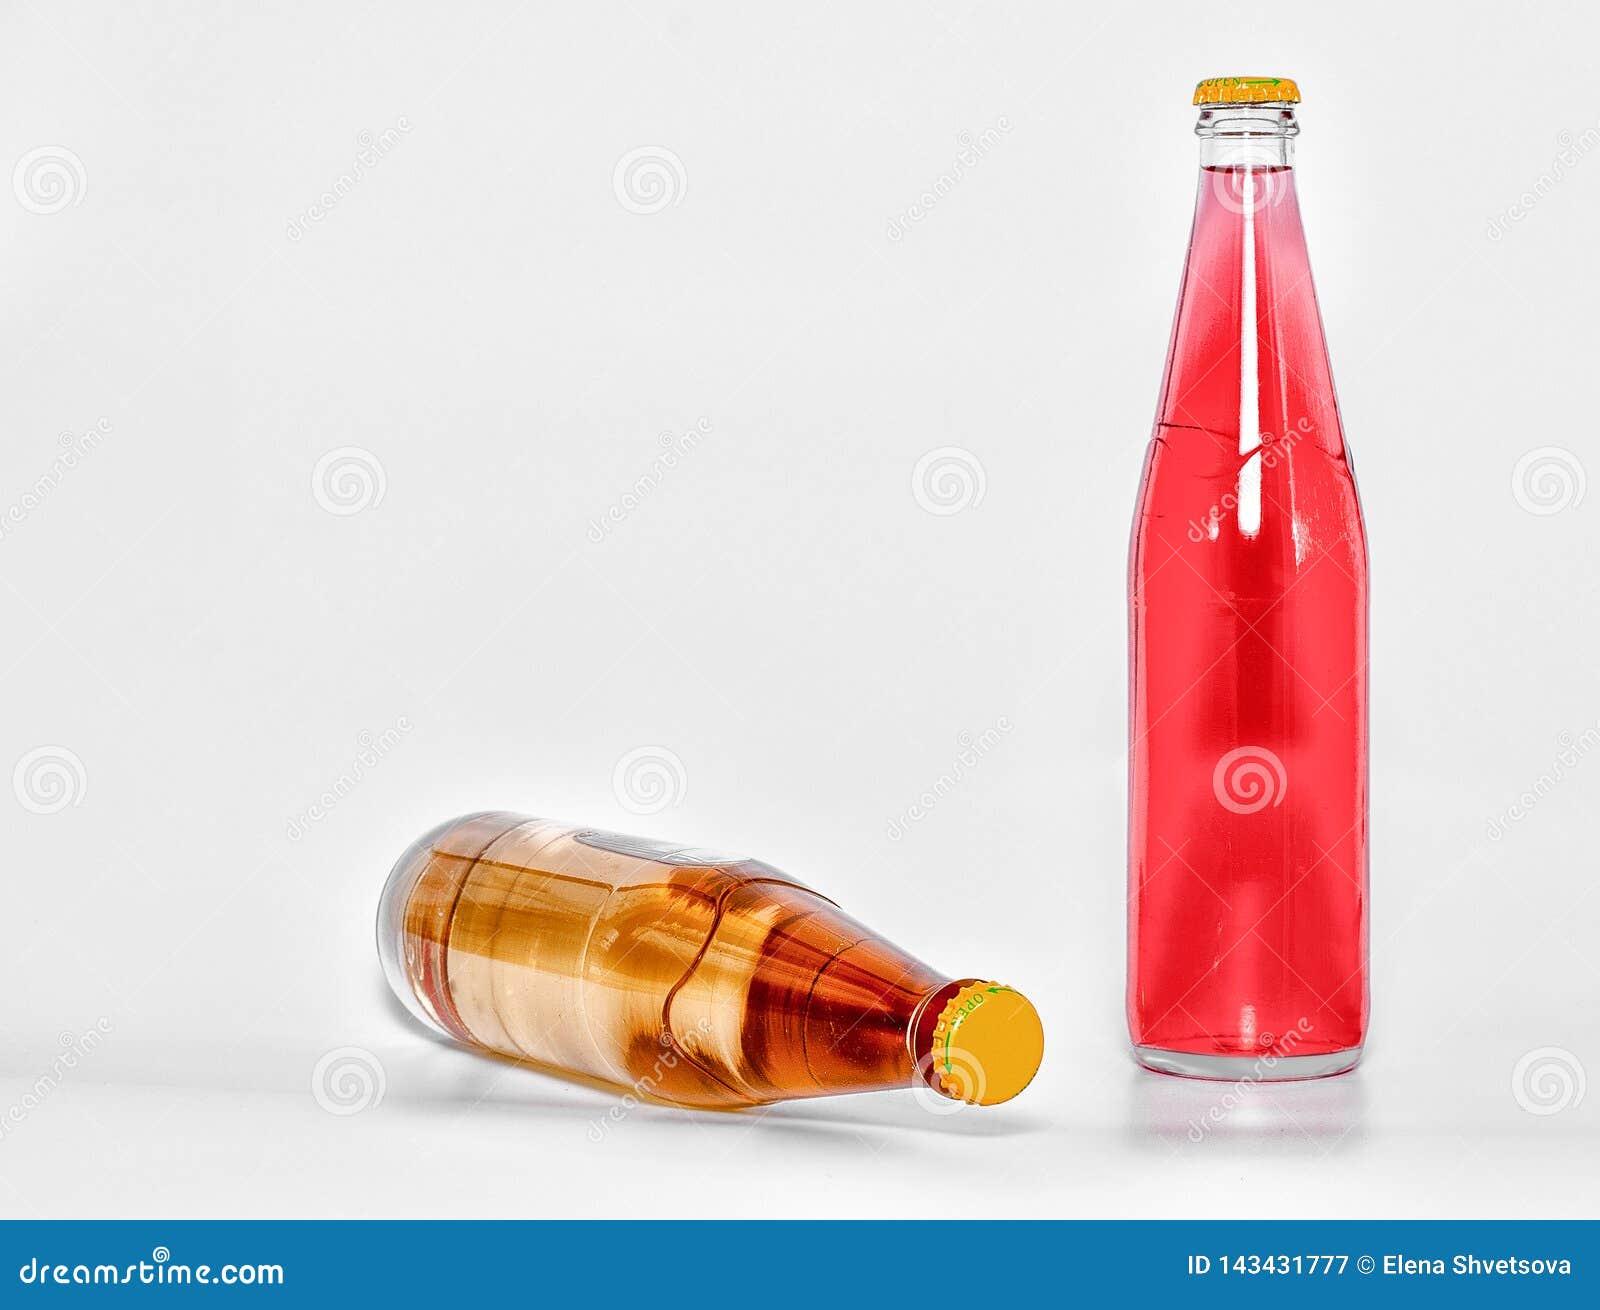 Glasflessen met rode en gele drank op een witte achtergrond Front View